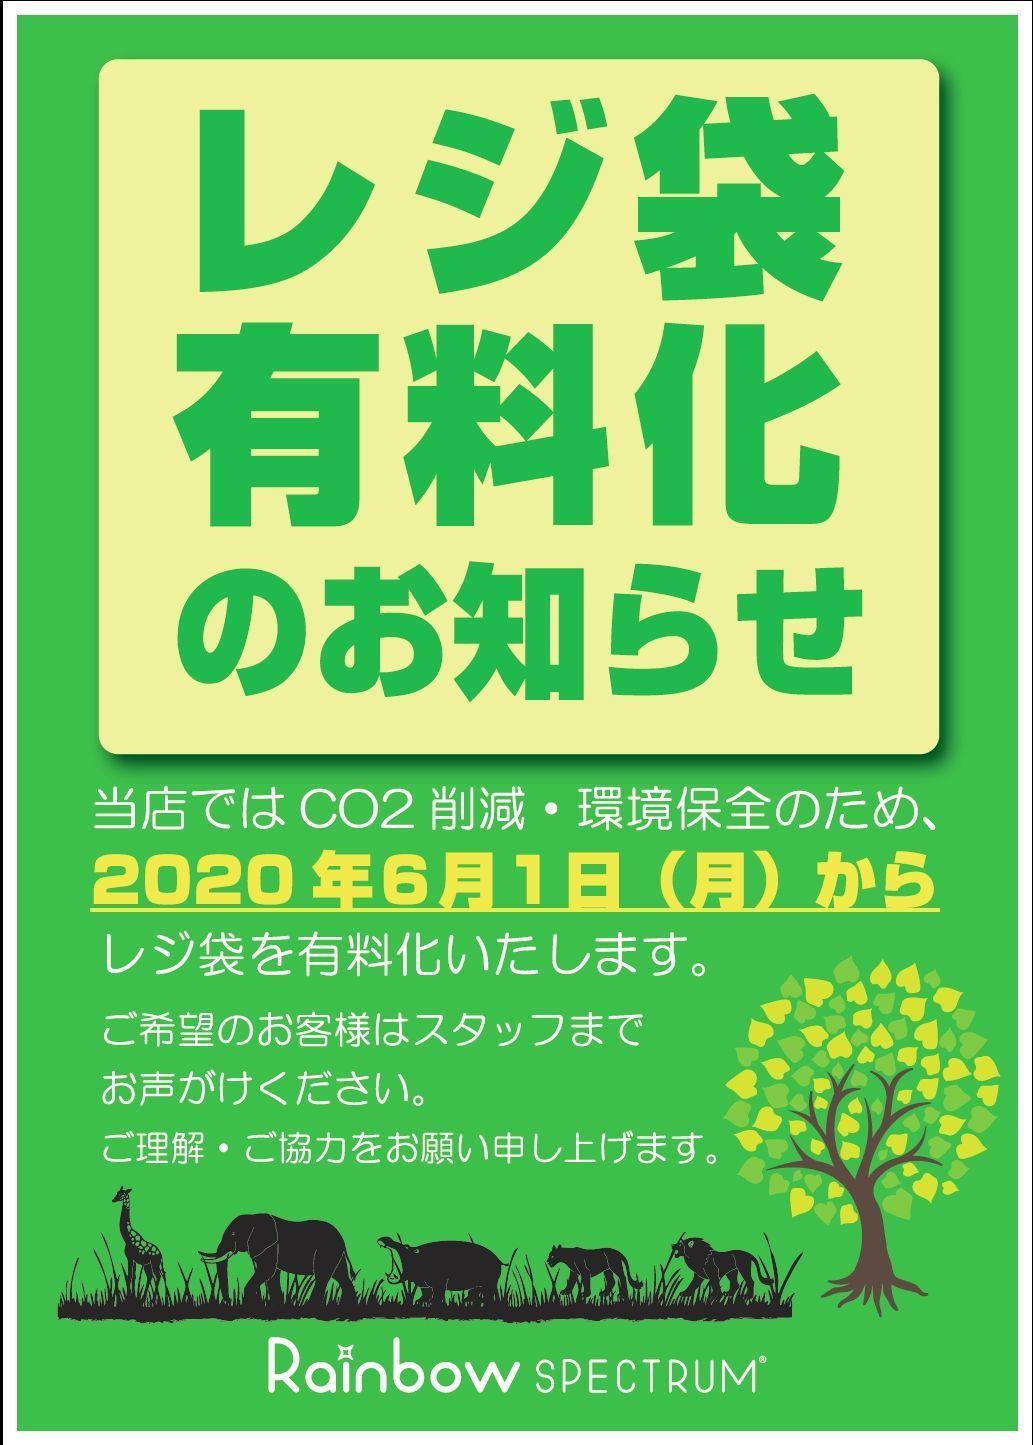 「◇レジ袋有料化のお知らせ」の写真